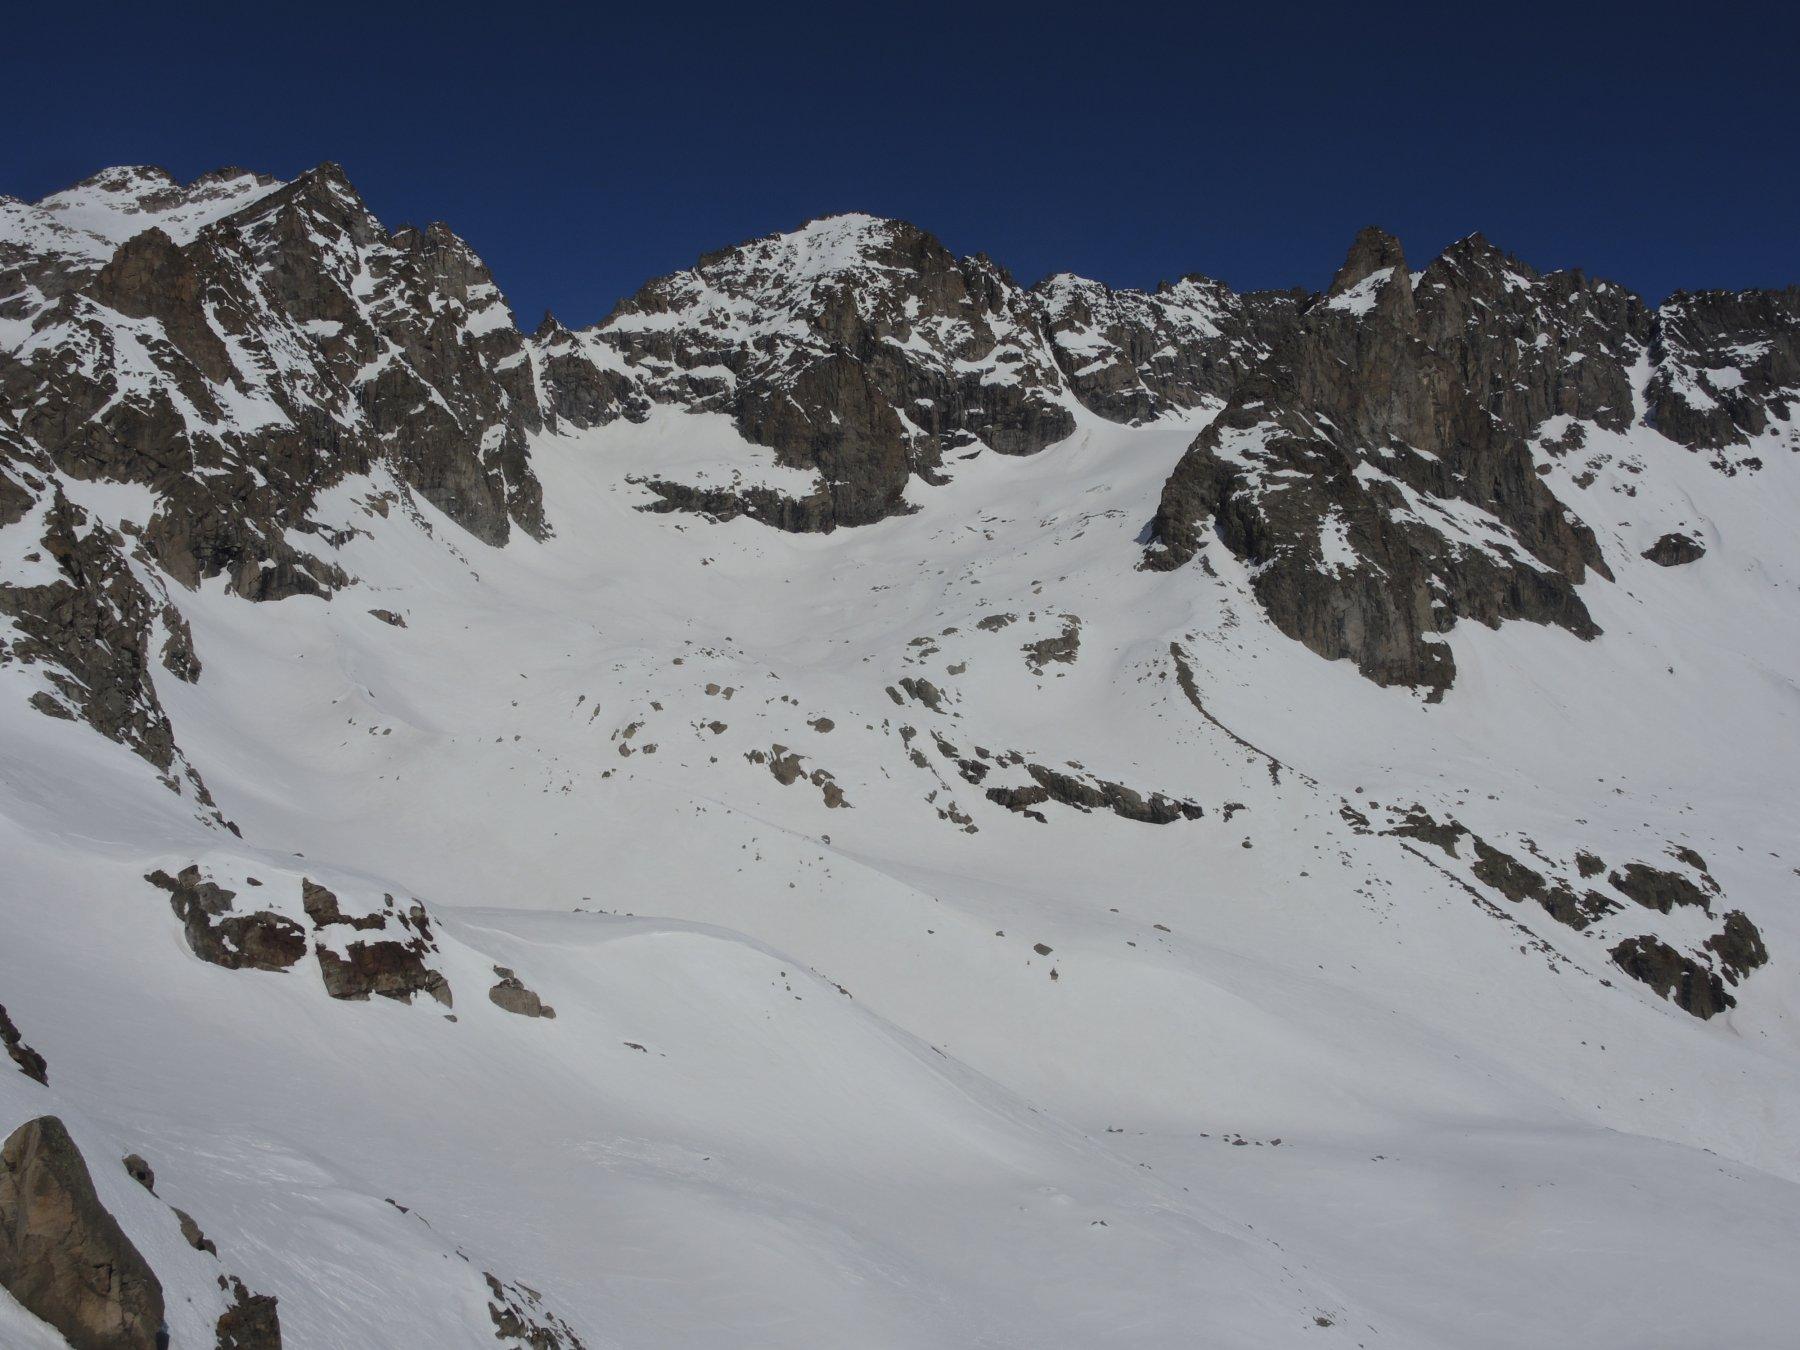 vista sul ghiacciaietto di roccia viva: Becca di Gay a sinistra